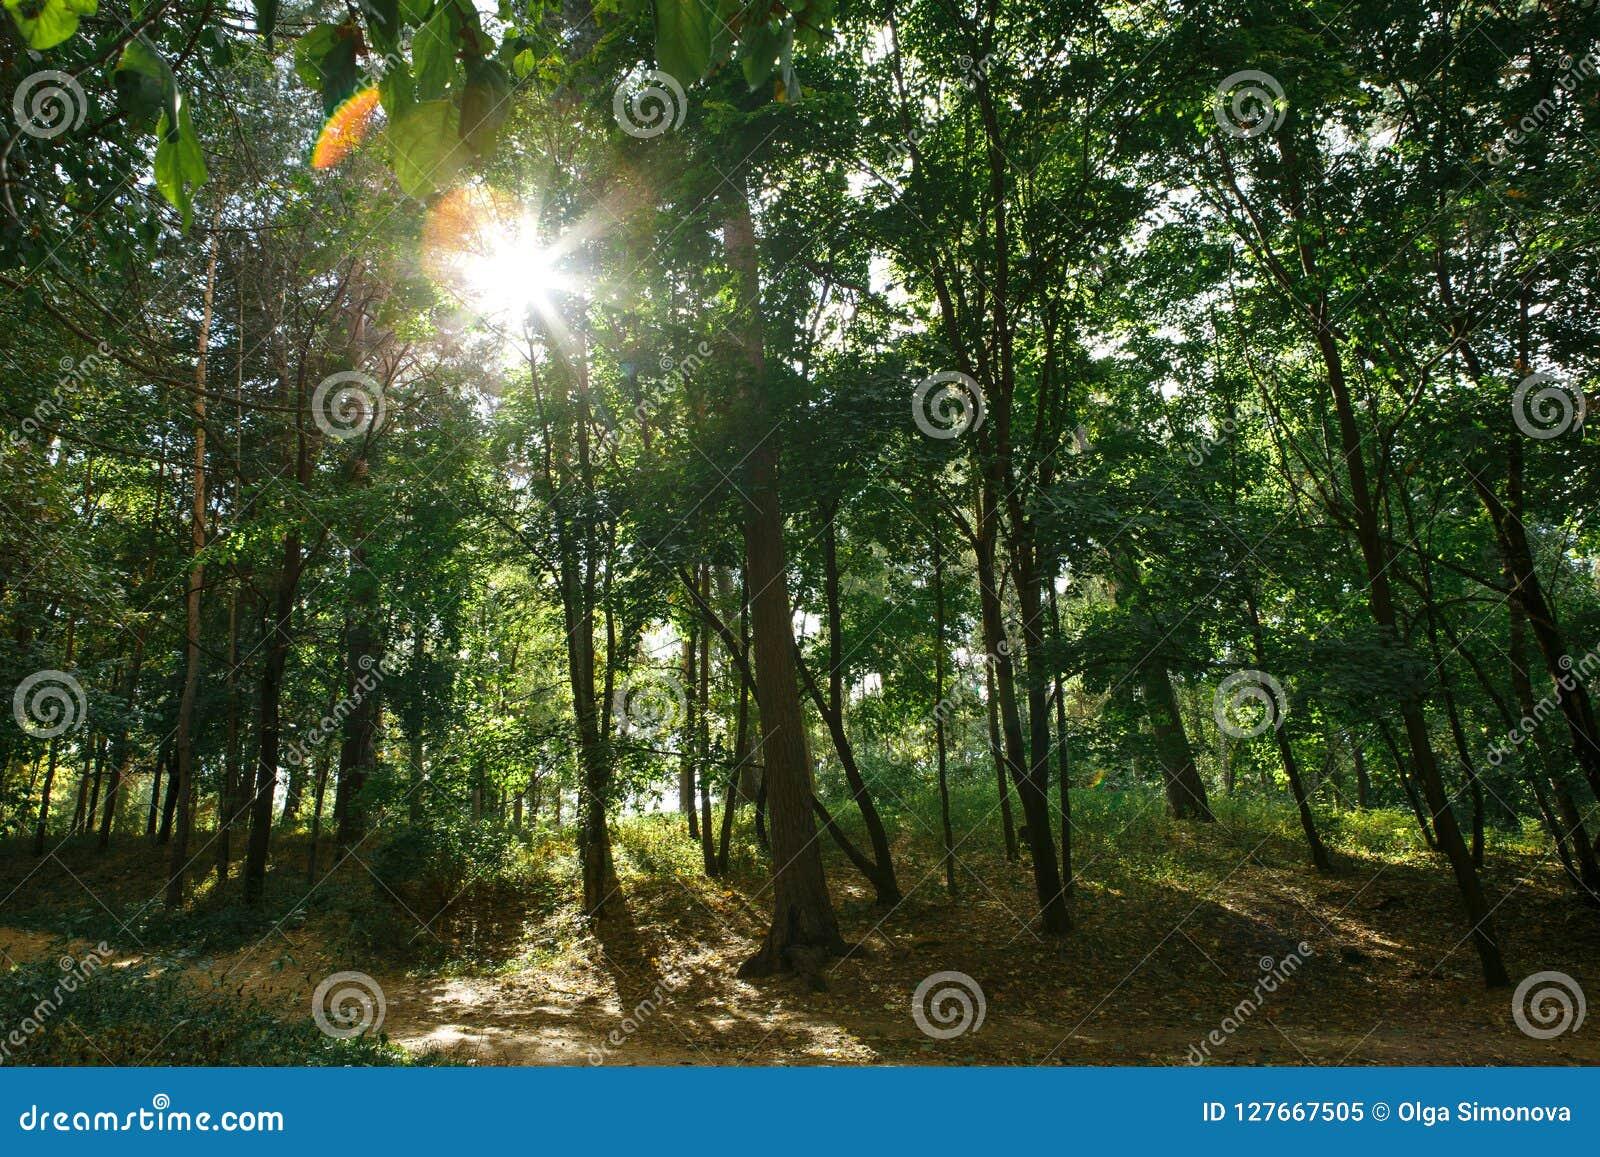 有根和漂流木头的绿色森林